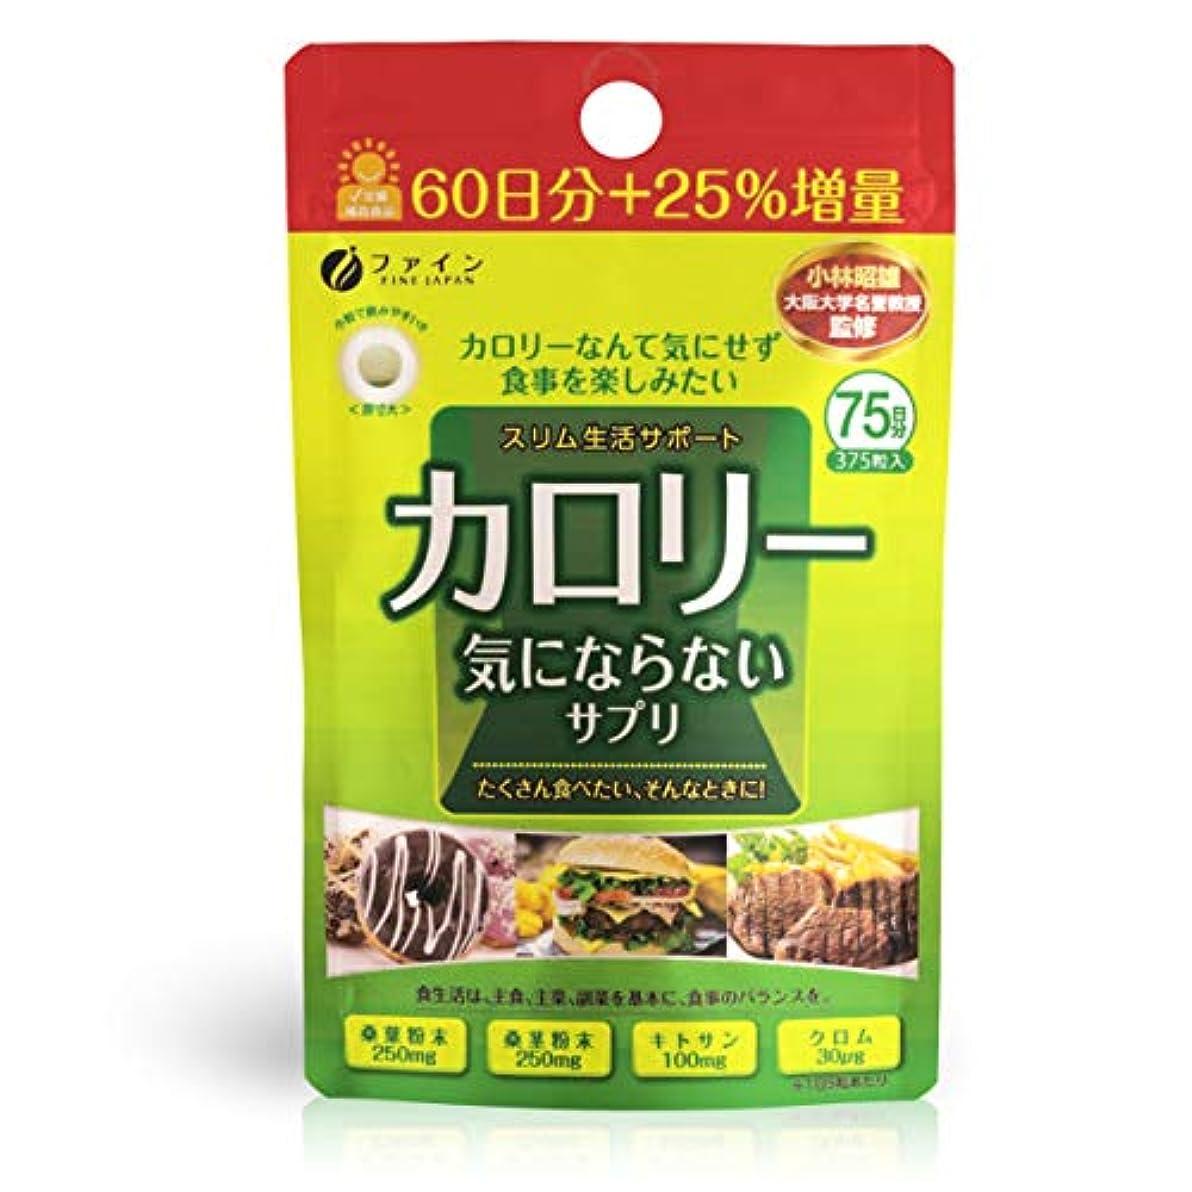 研磨素子ジャズファイン カロリー気にならない 大容量品 375粒 75日分 桑葉粉末 桑茎粉末 キトサン 配合